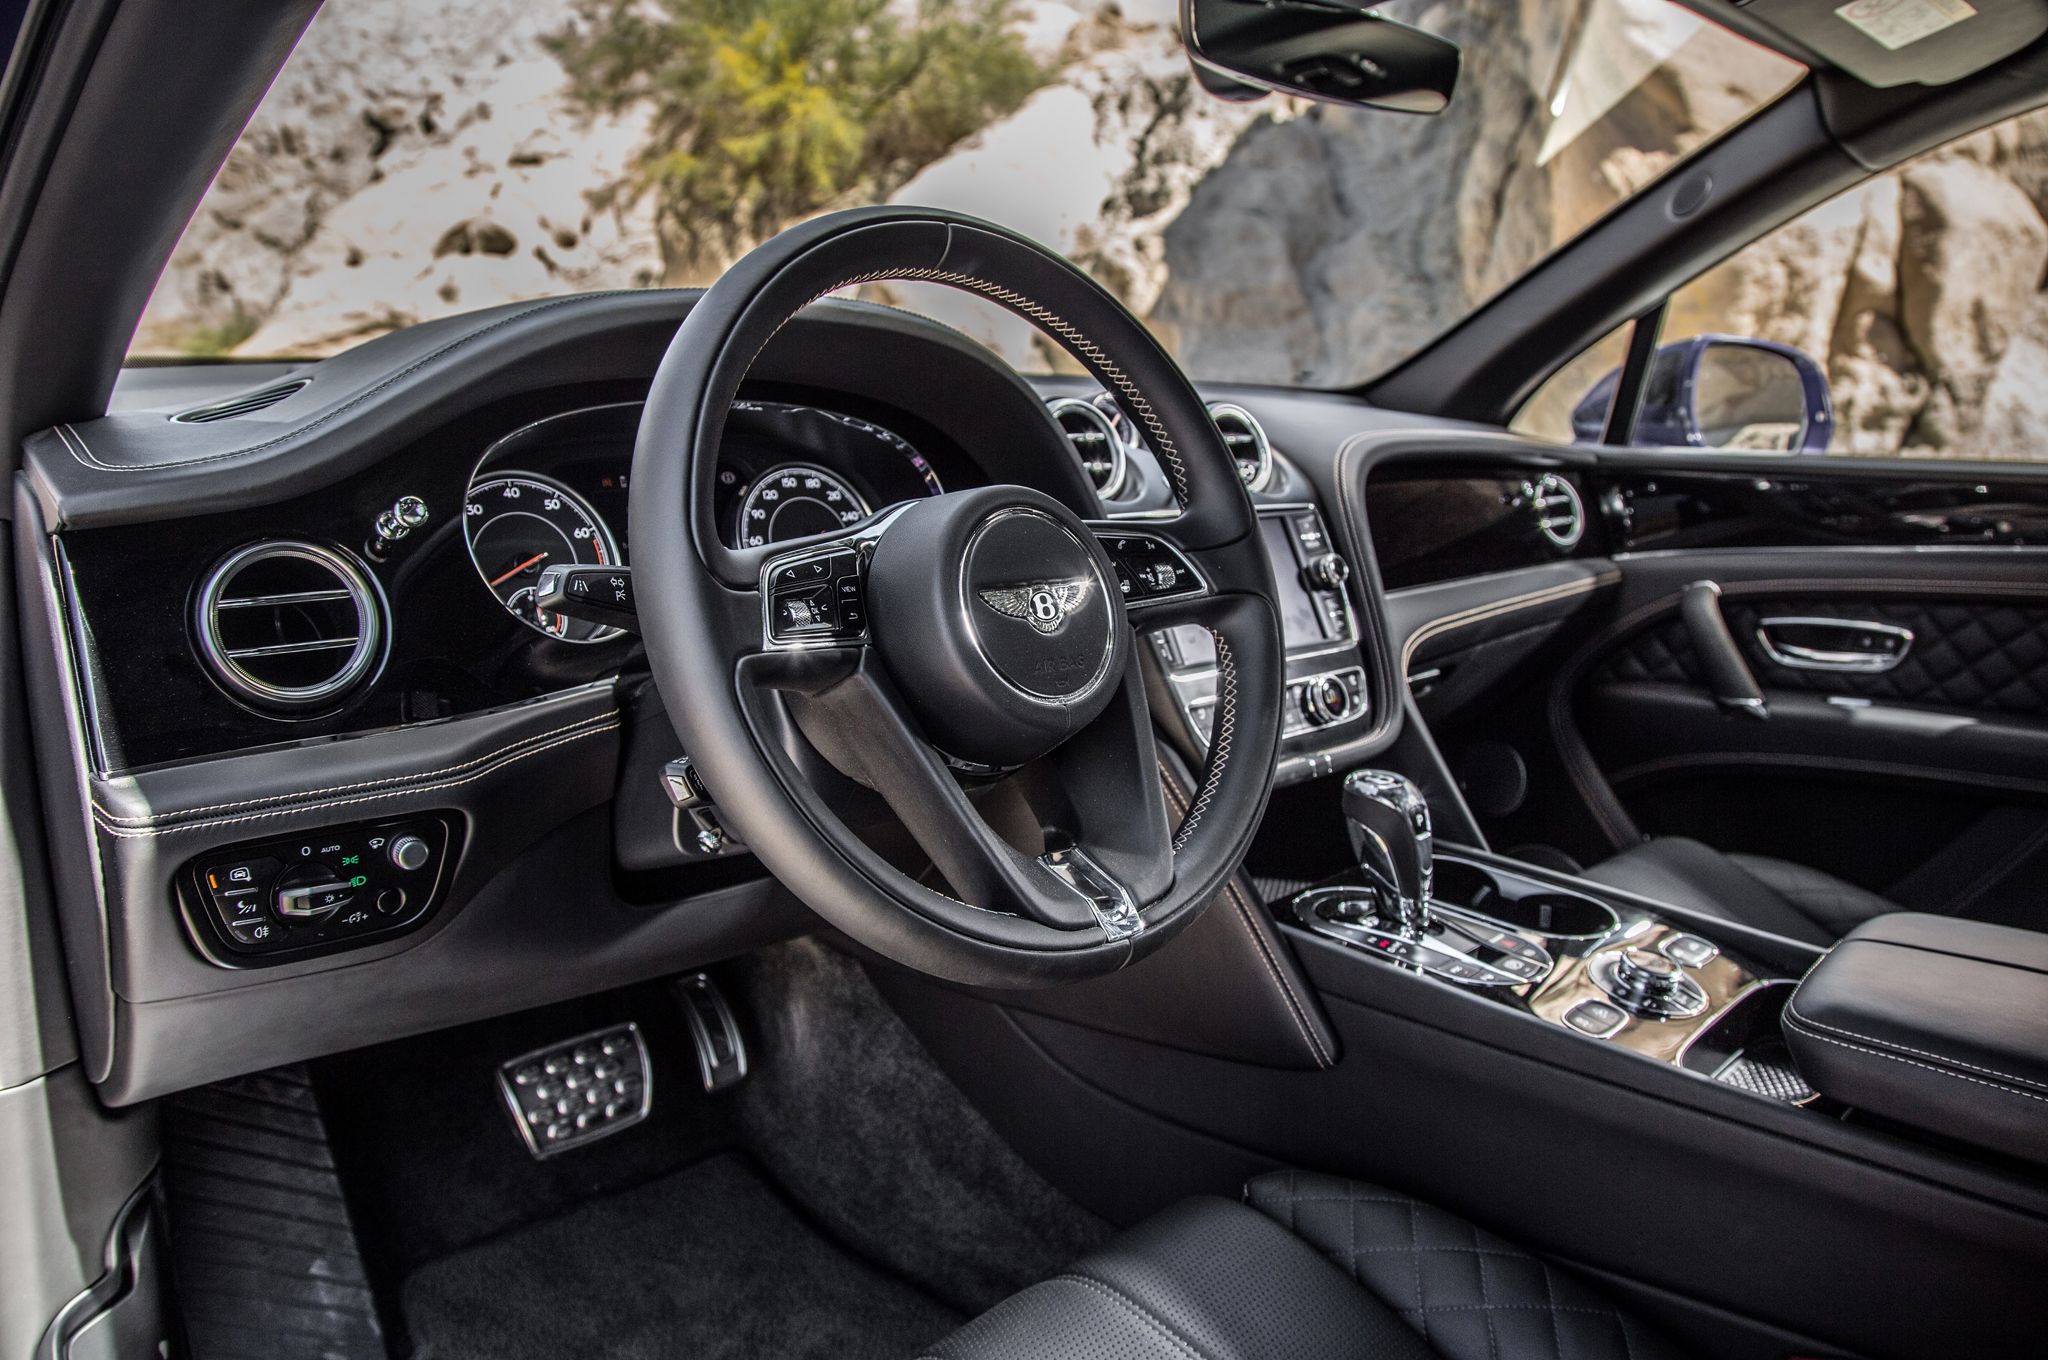 Bentley Bentayga Wallpapers Vehicles Hq Bentley Bentayga Pictures 4k Wallpapers 2019